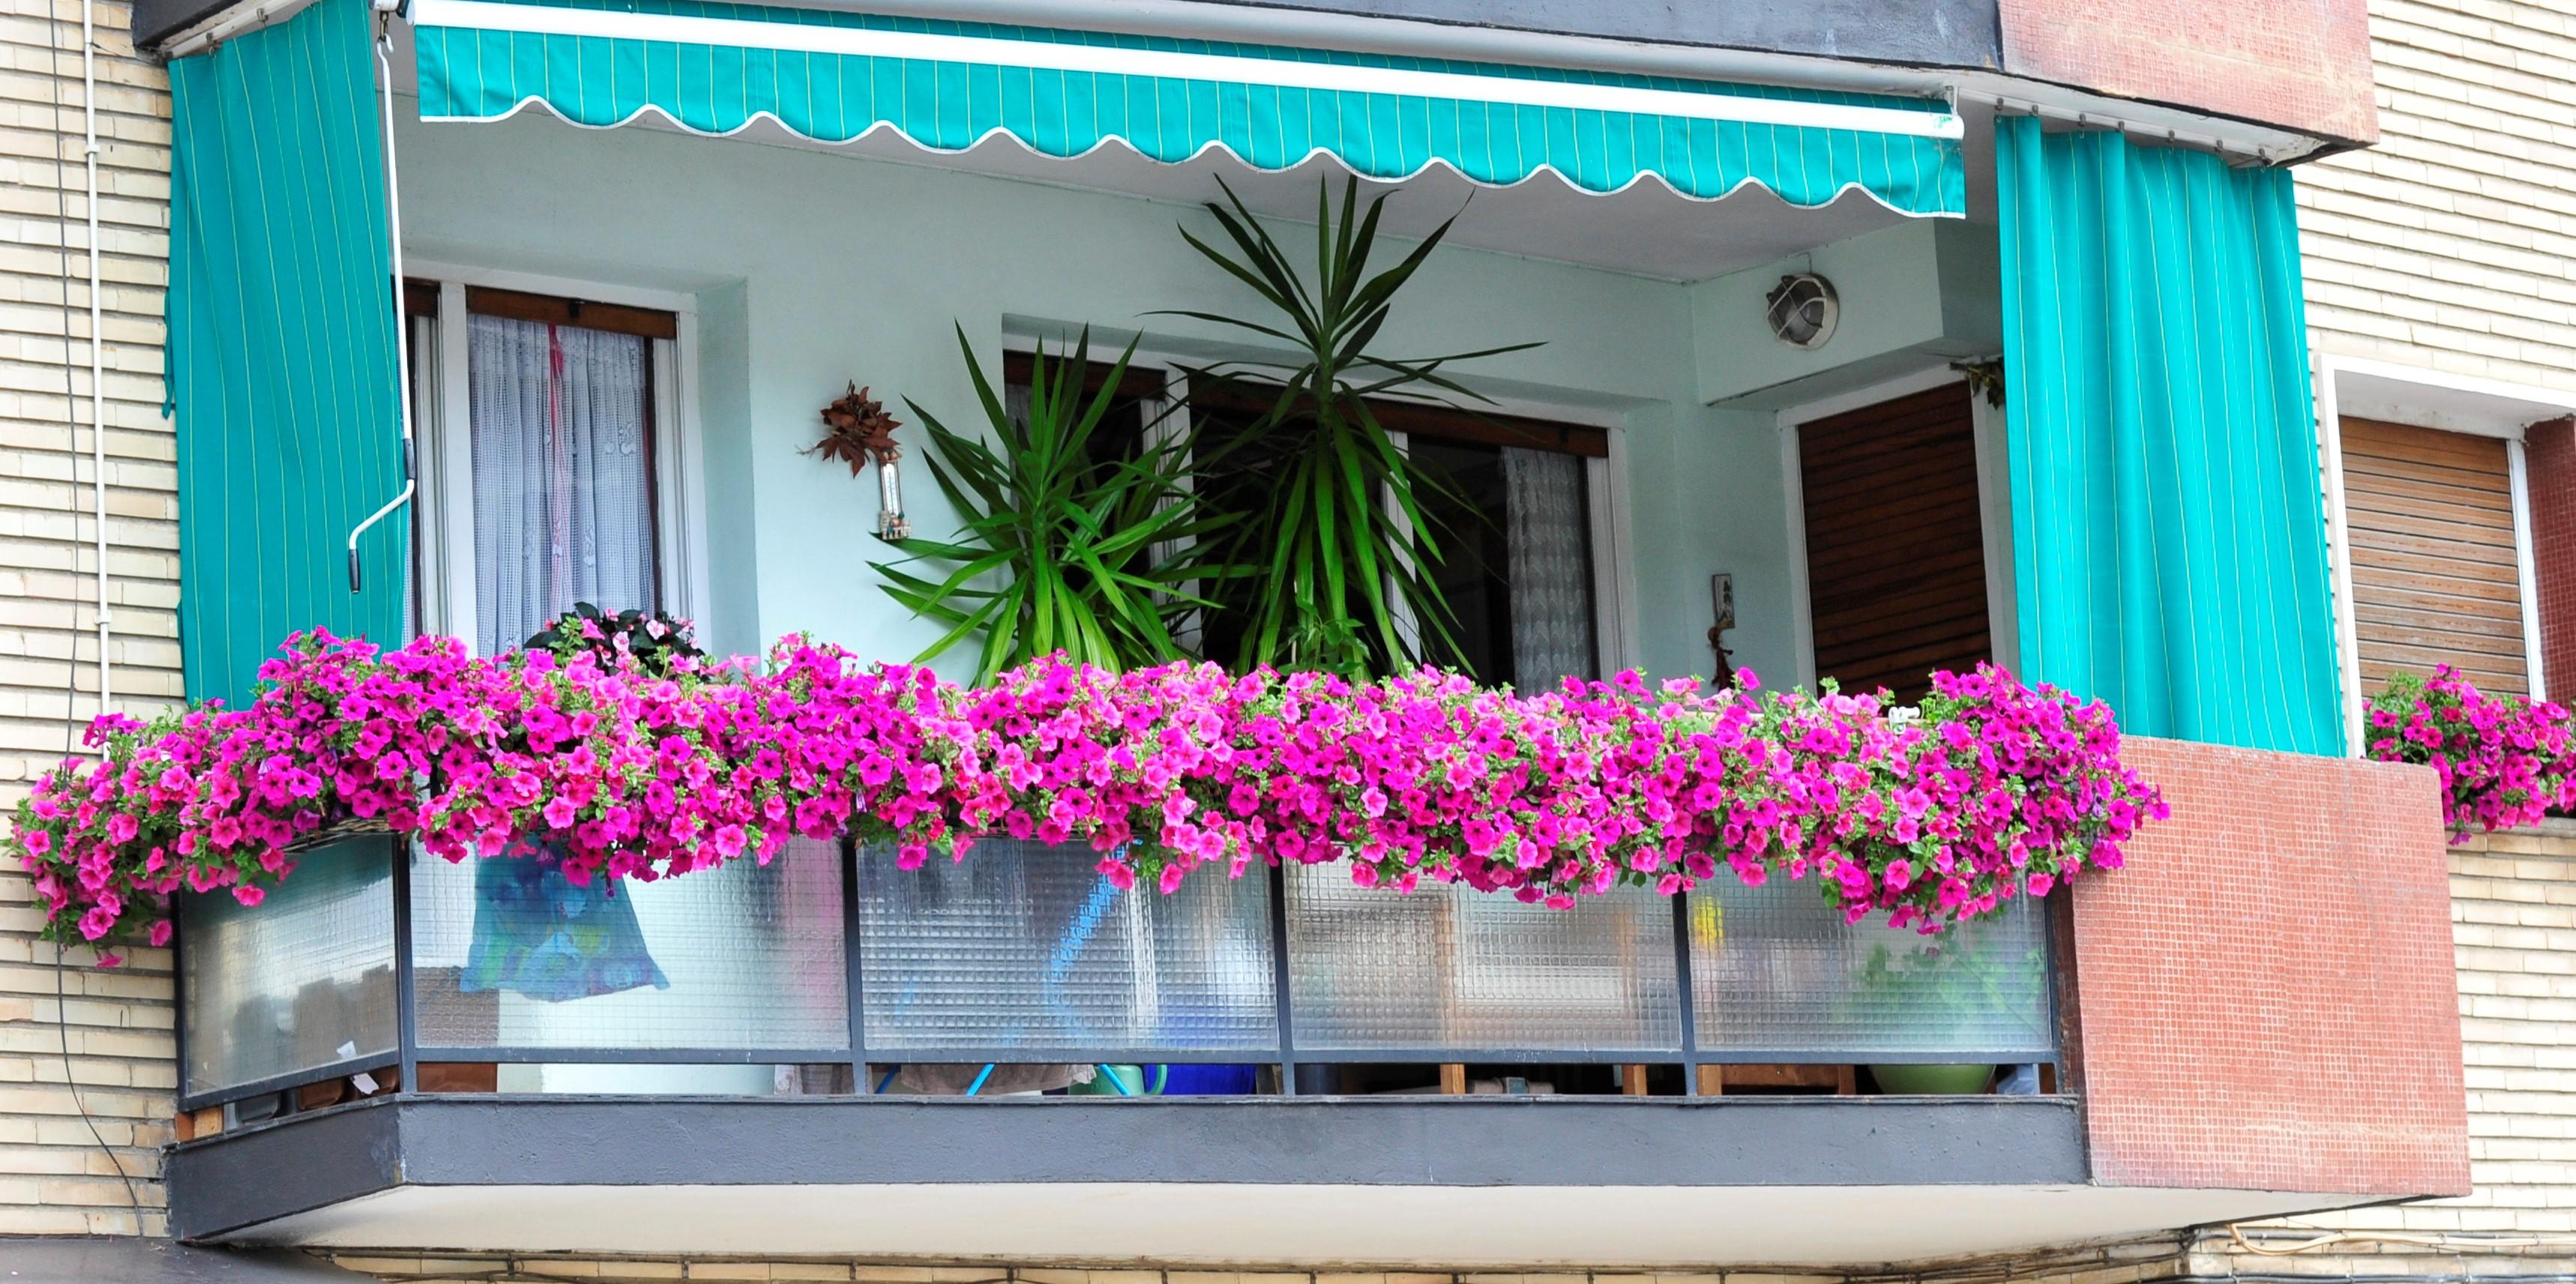 Convocada La X Edicion Del Concurso De Flores En Ventanas Y Balcones - Fotos-de-balcones-con-flores